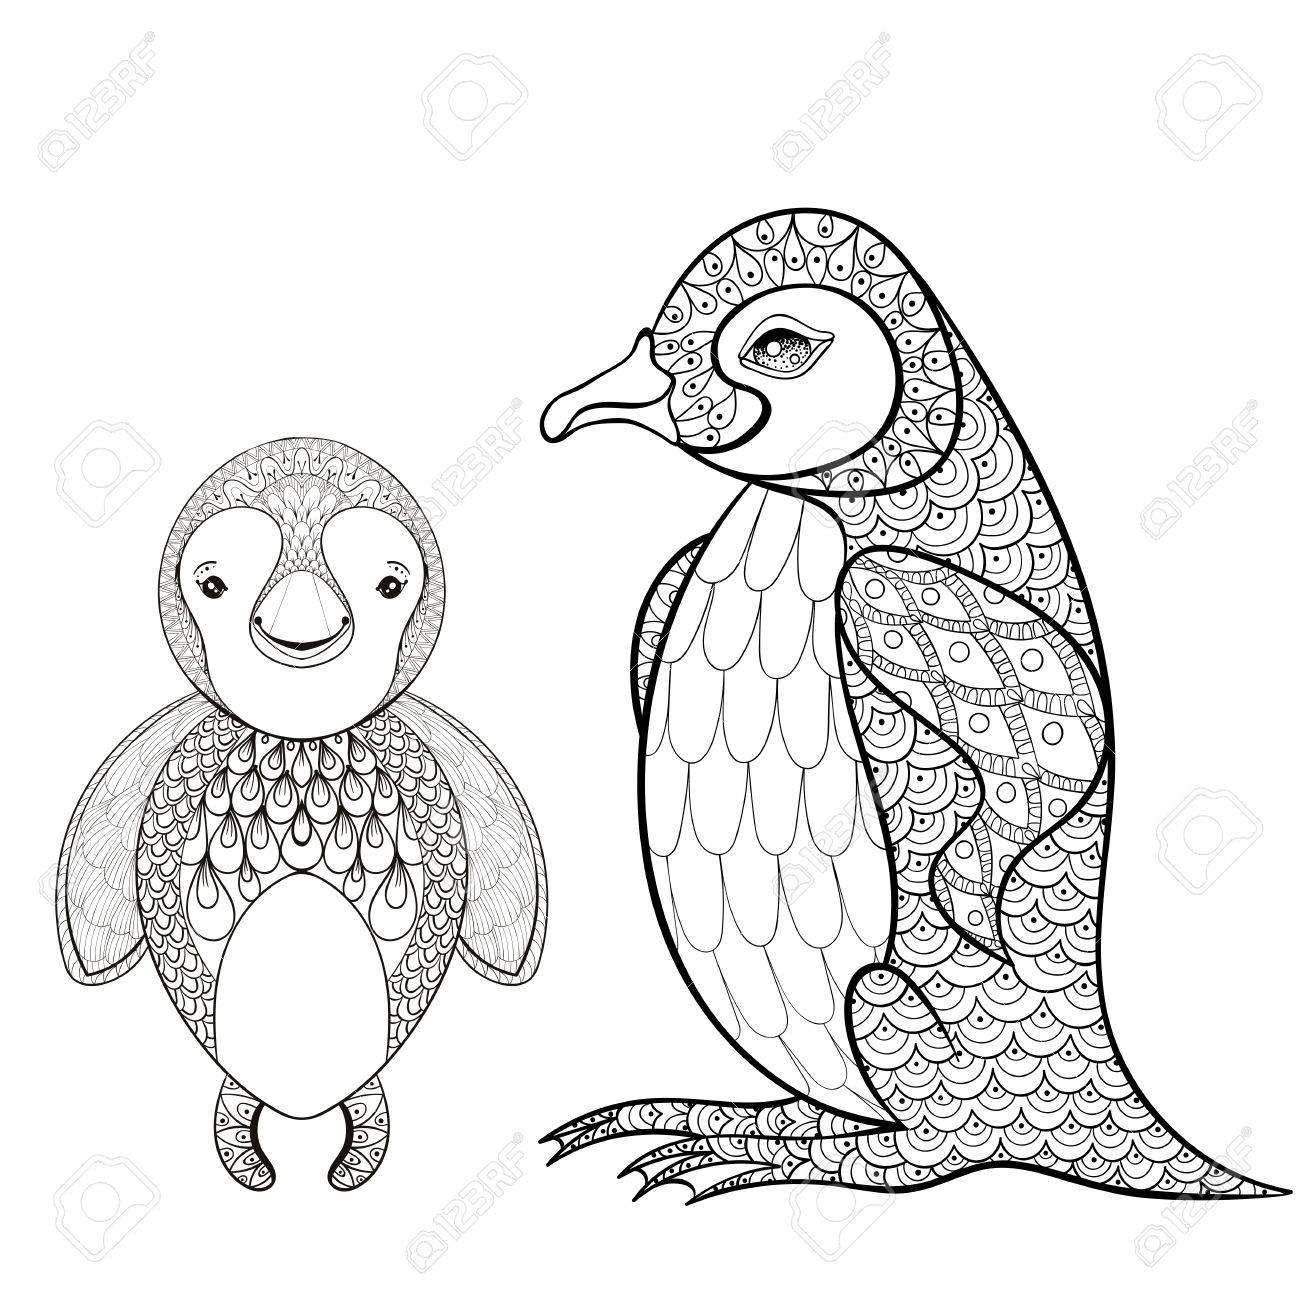 Pinguin Conjunto De Vectores Para Colorear Página Del Adulto ...